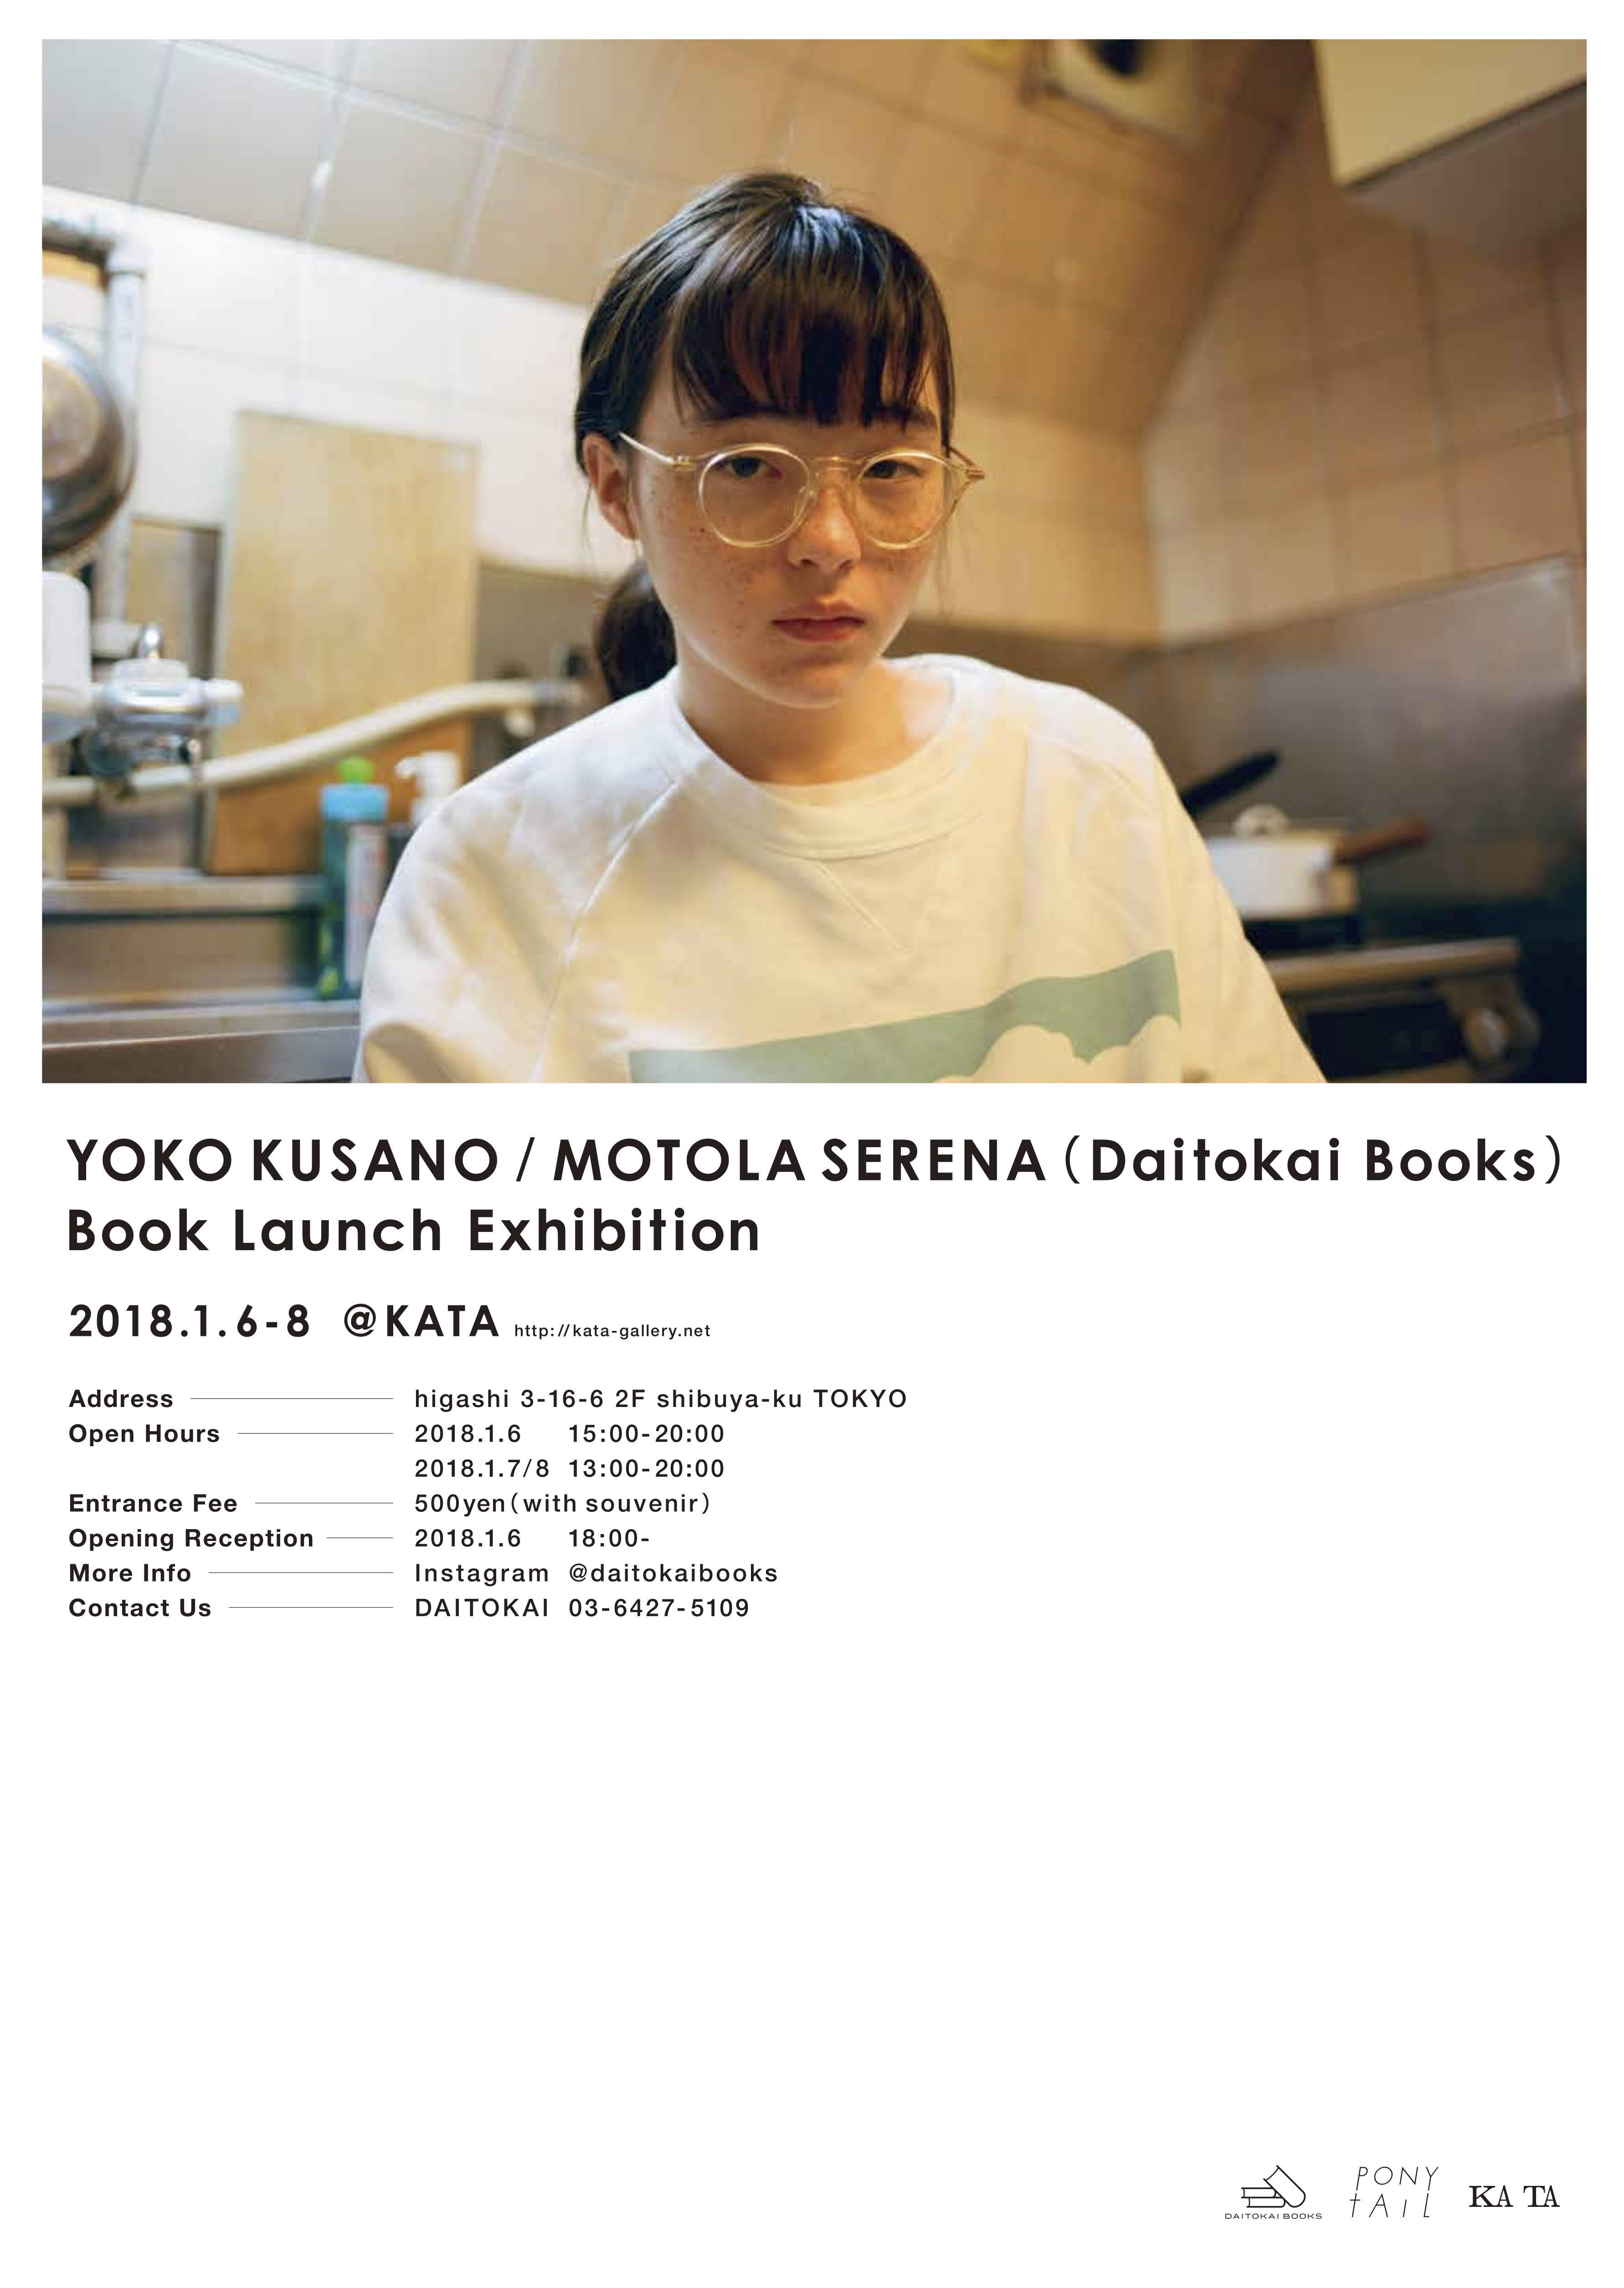 YOKO KUSANO x MOTOLA SERENA